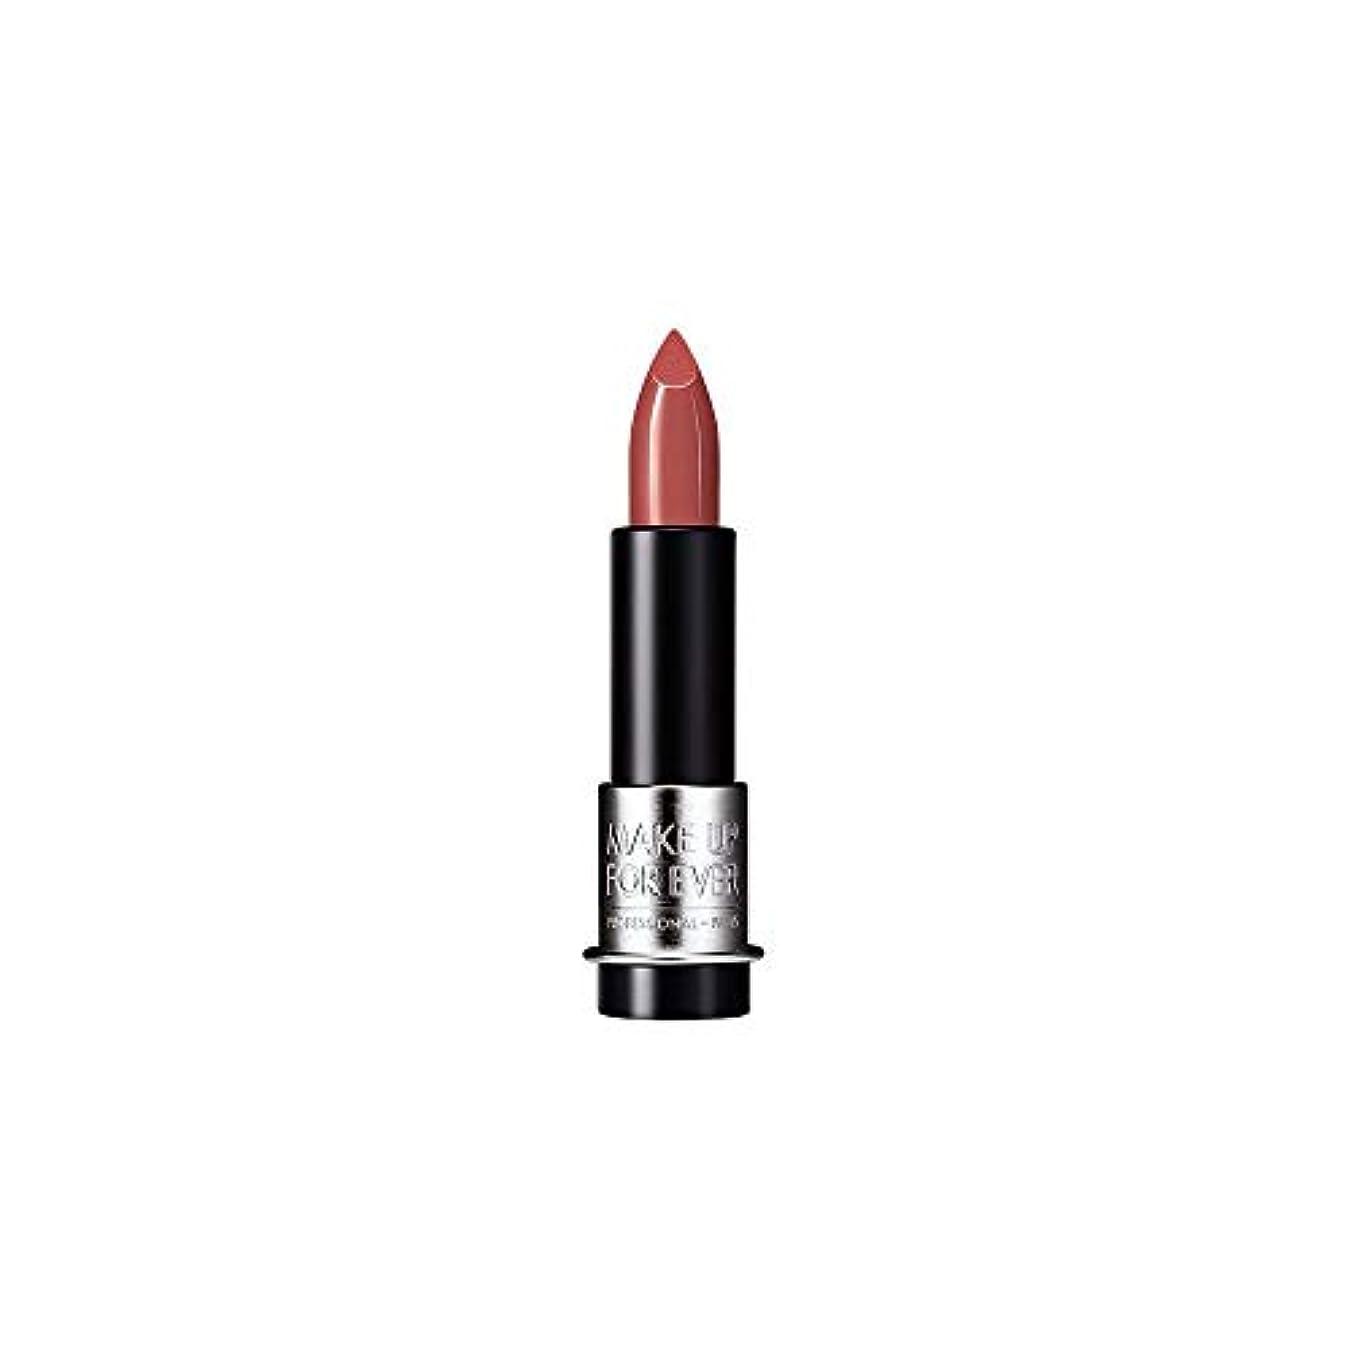 曲がった夕暮れモンク[MAKE UP FOR EVER] これまでアーティストルージュクリーム口紅3.5グラムのC108を補う - ハシバミ色ベージュ - MAKE UP FOR EVER Artist Rouge Creme Lipstick...